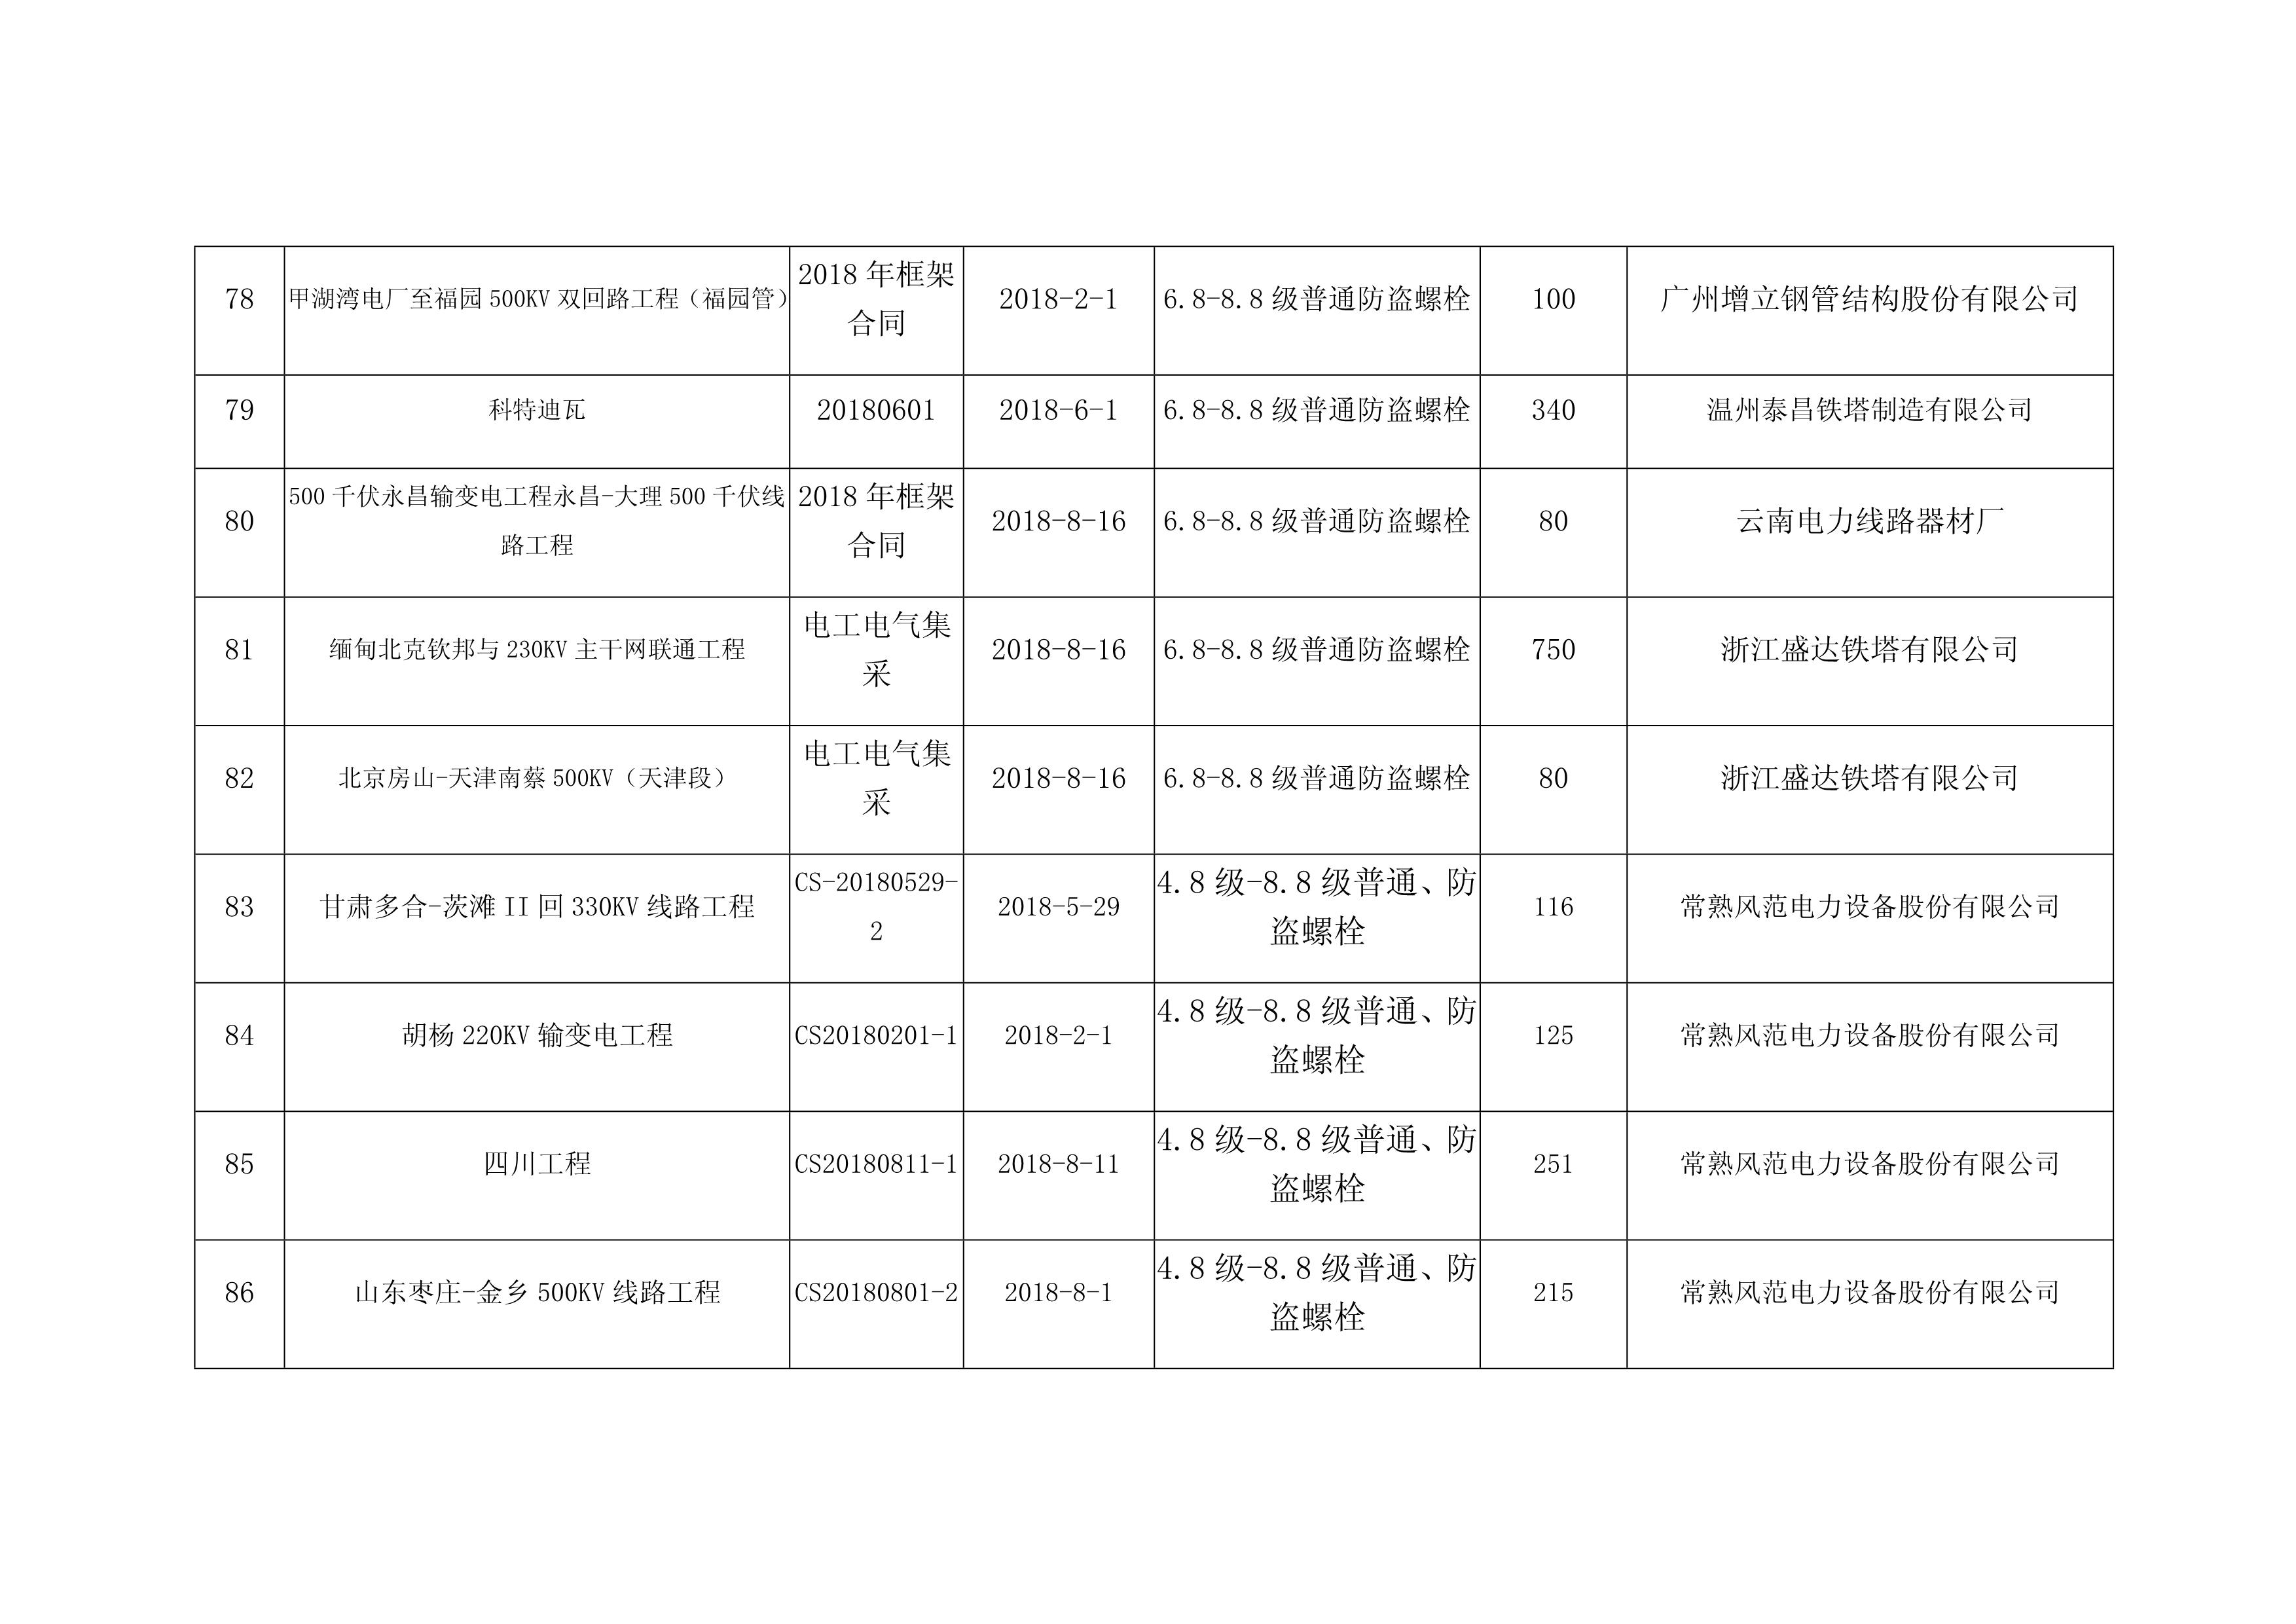 2017-2019业绩表_9